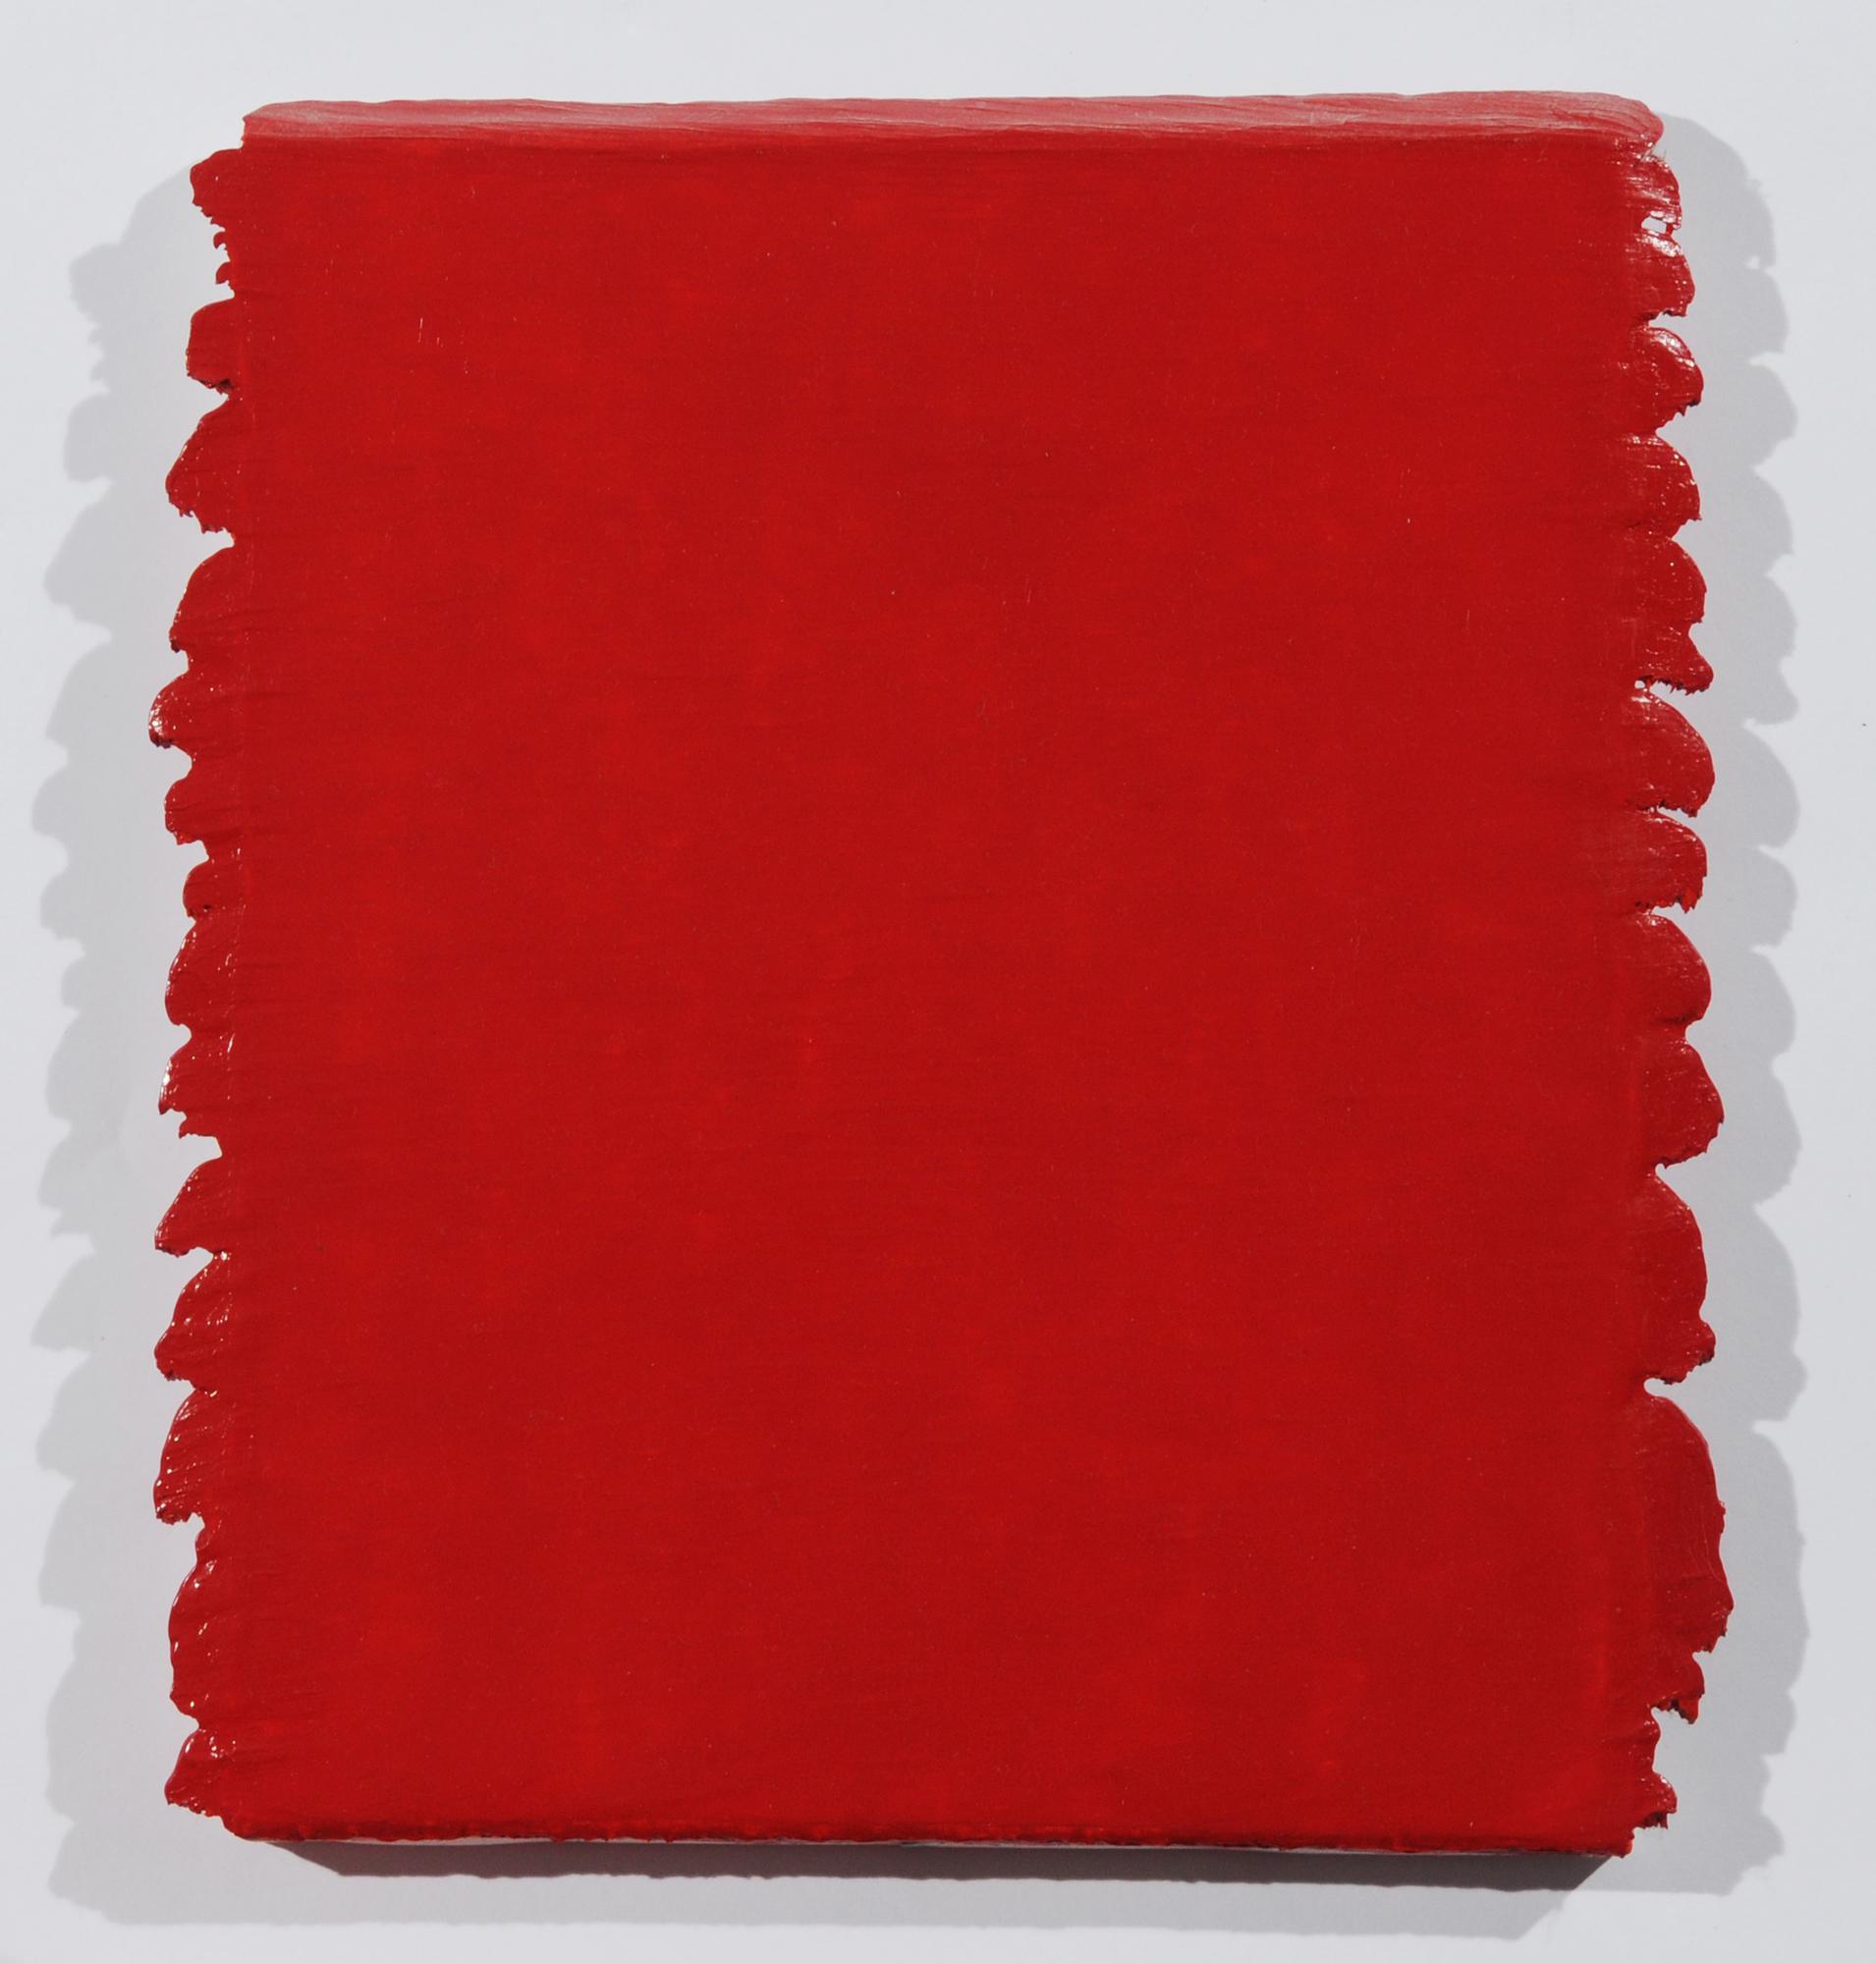 Aubertin Bernard, Monochrome Rouge N° 190